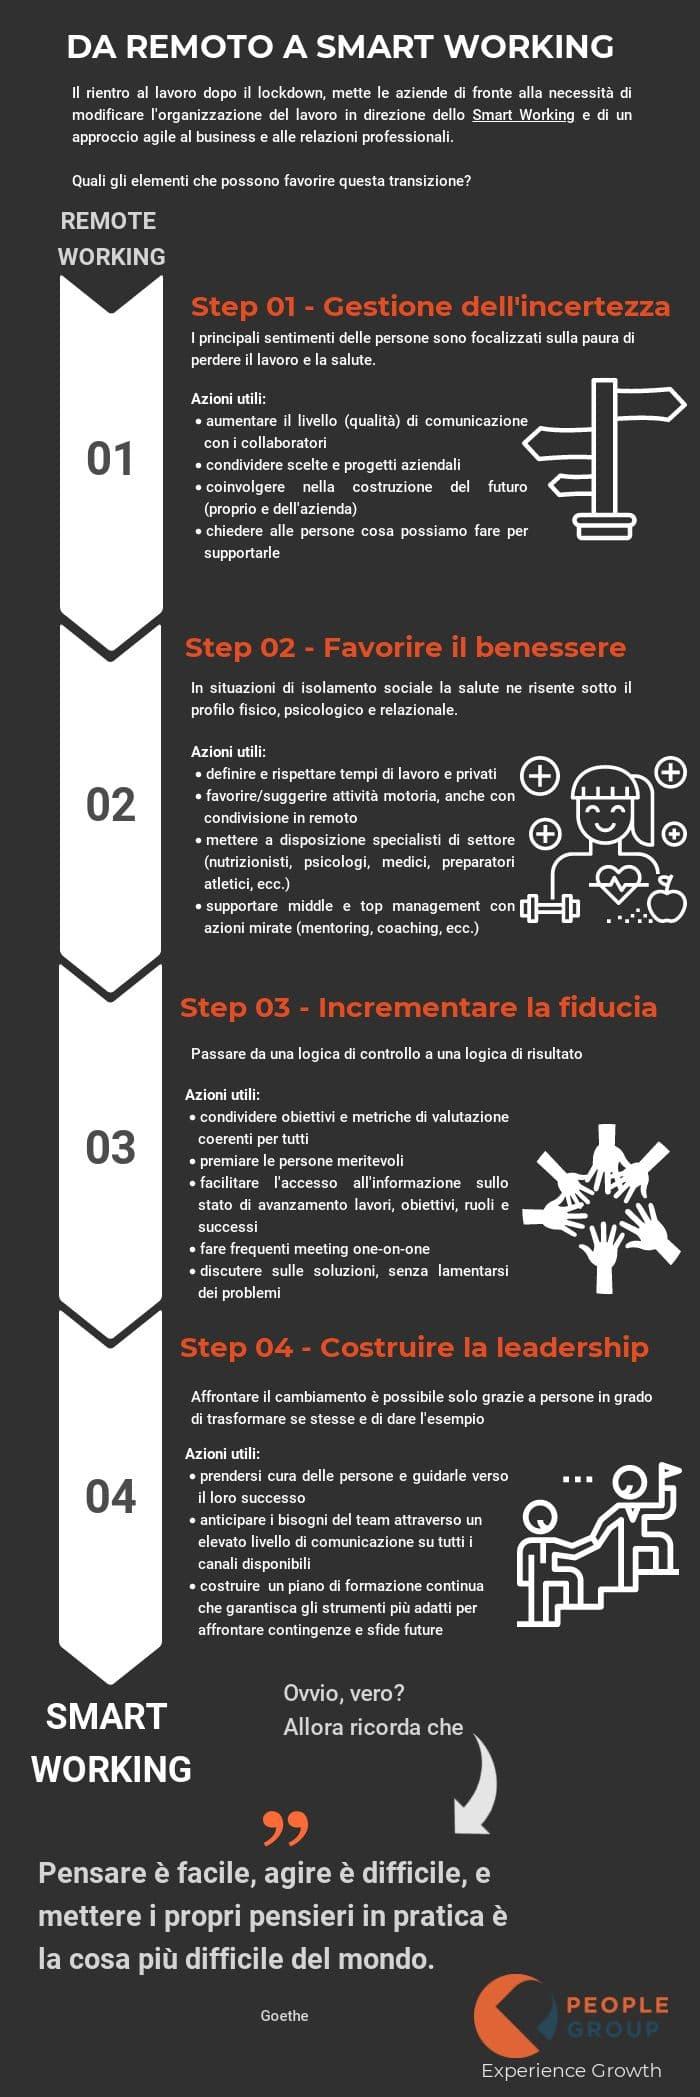 Gestione del team: 5 azioni pratiche per favorire il rientro 2